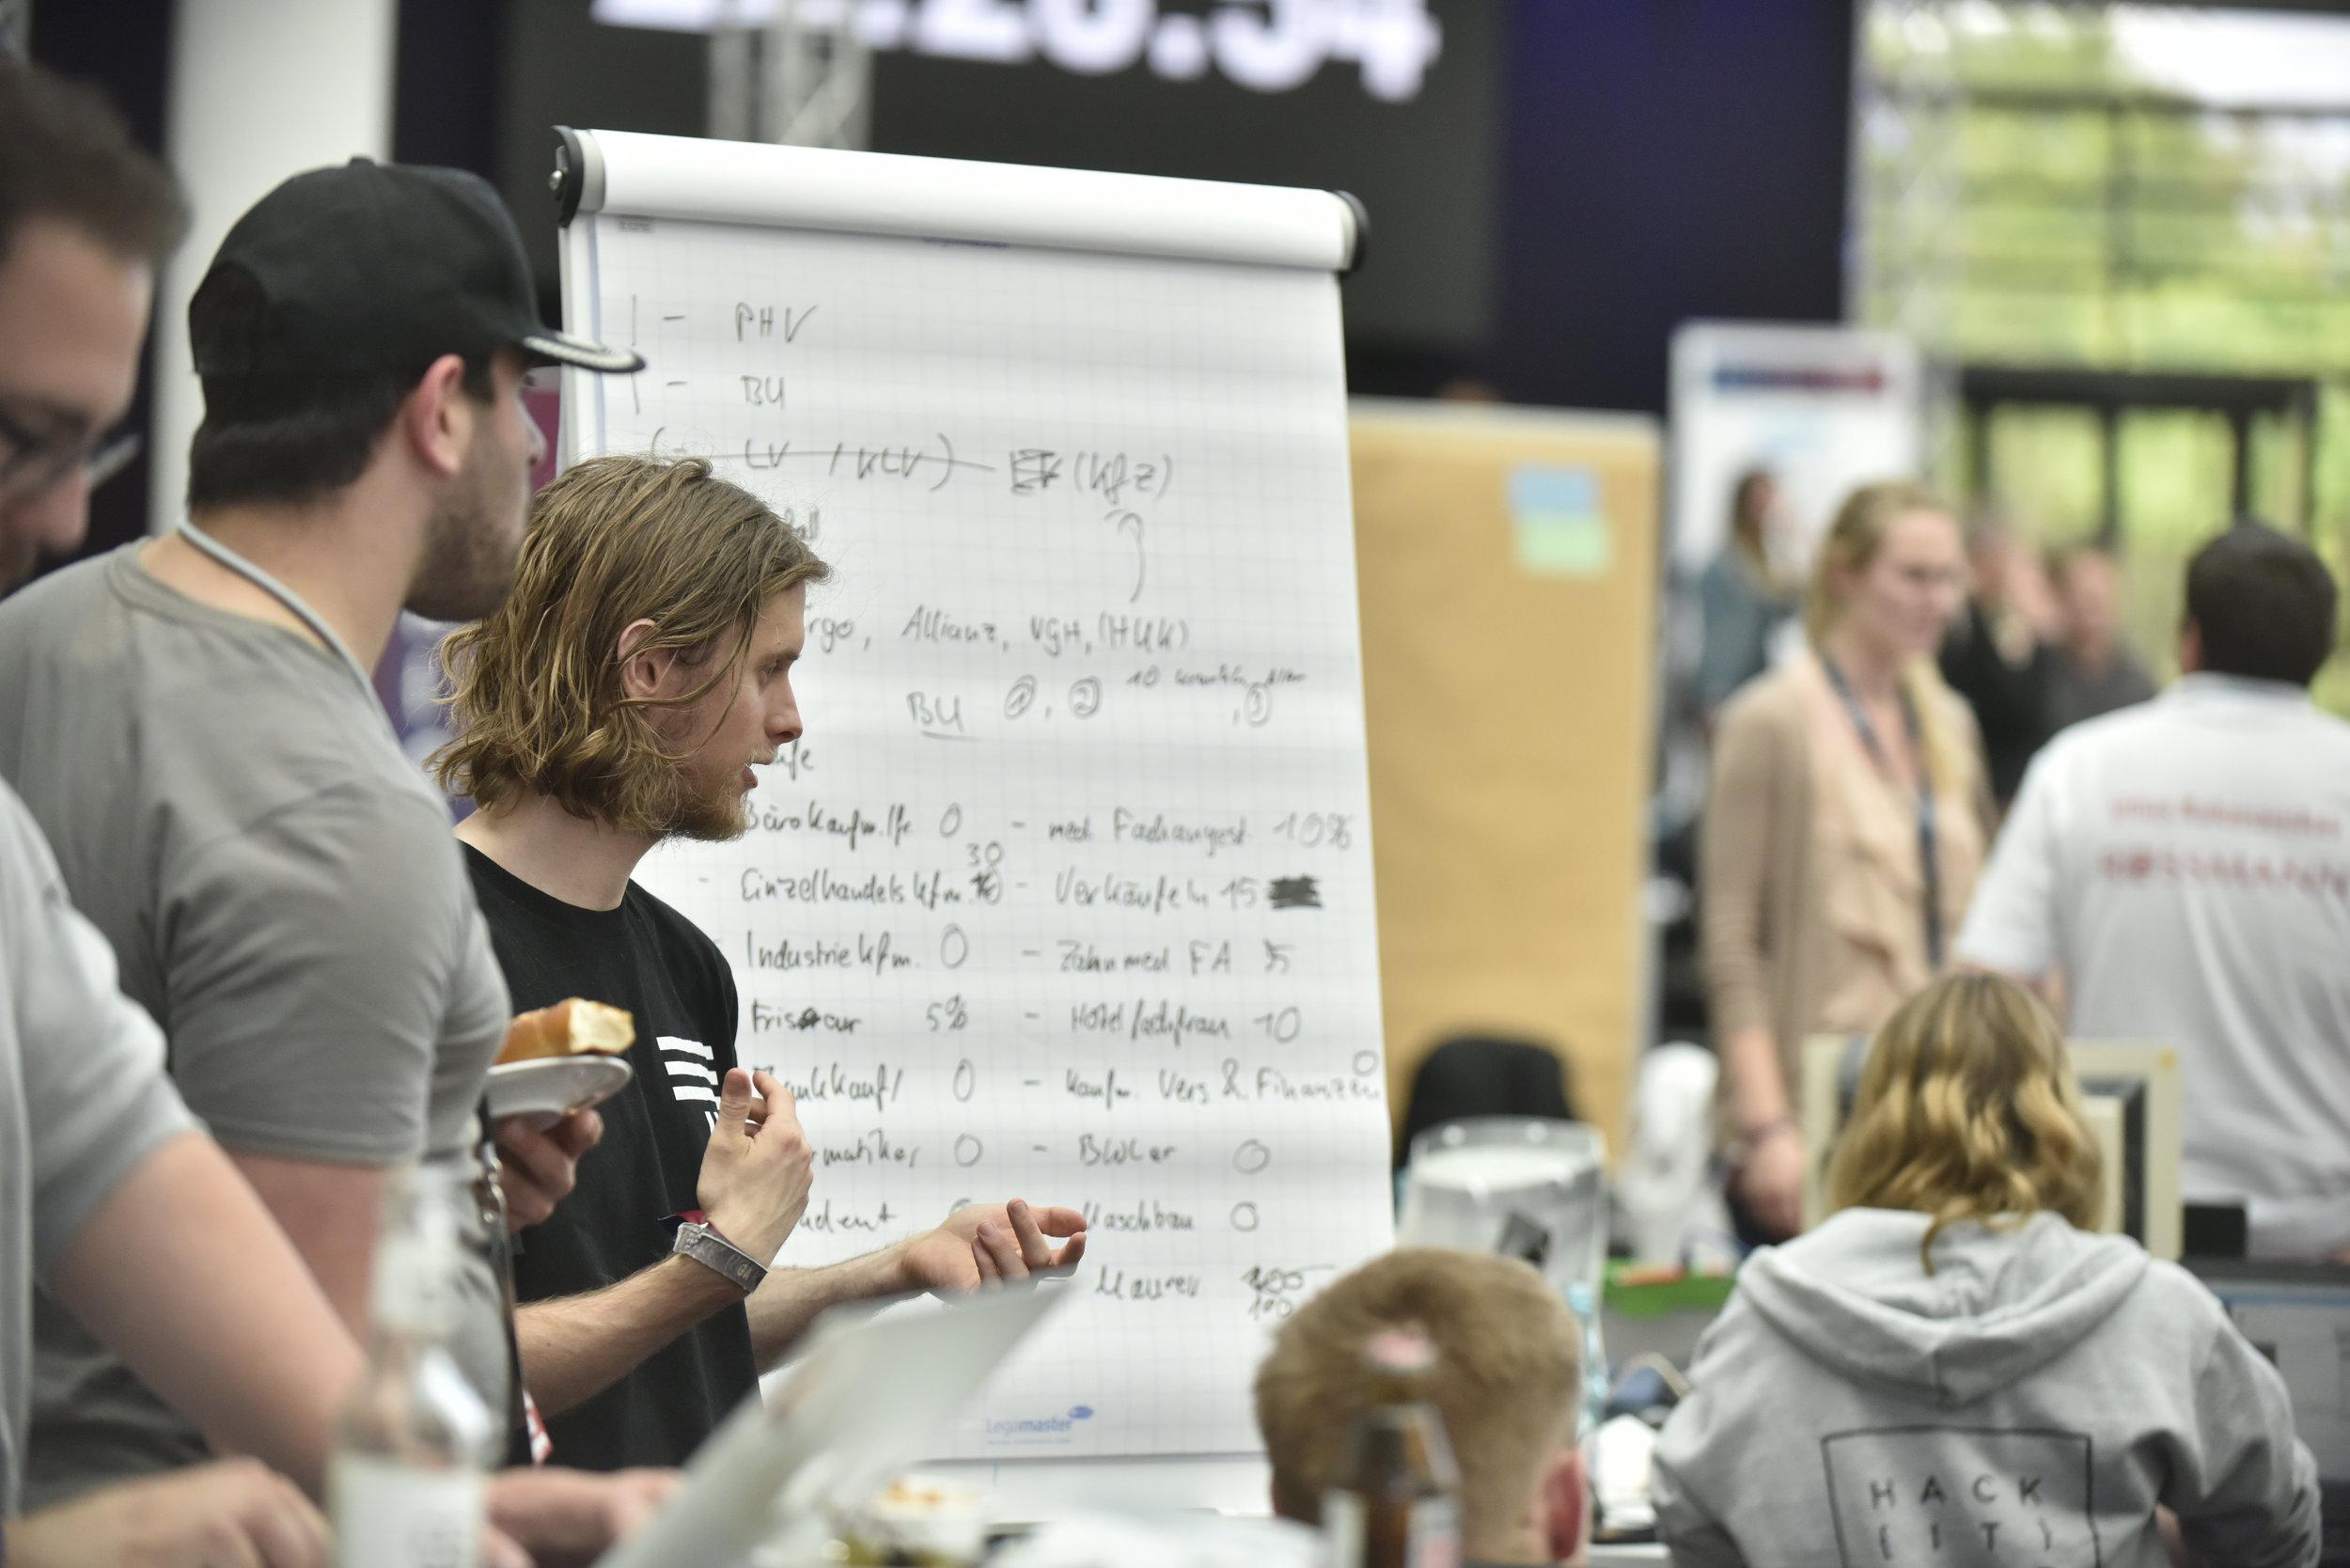 Kevin von Ignaris erklärt die Datenstruktur für ein Machine Learning Modell - Foto: www.scheffen.de